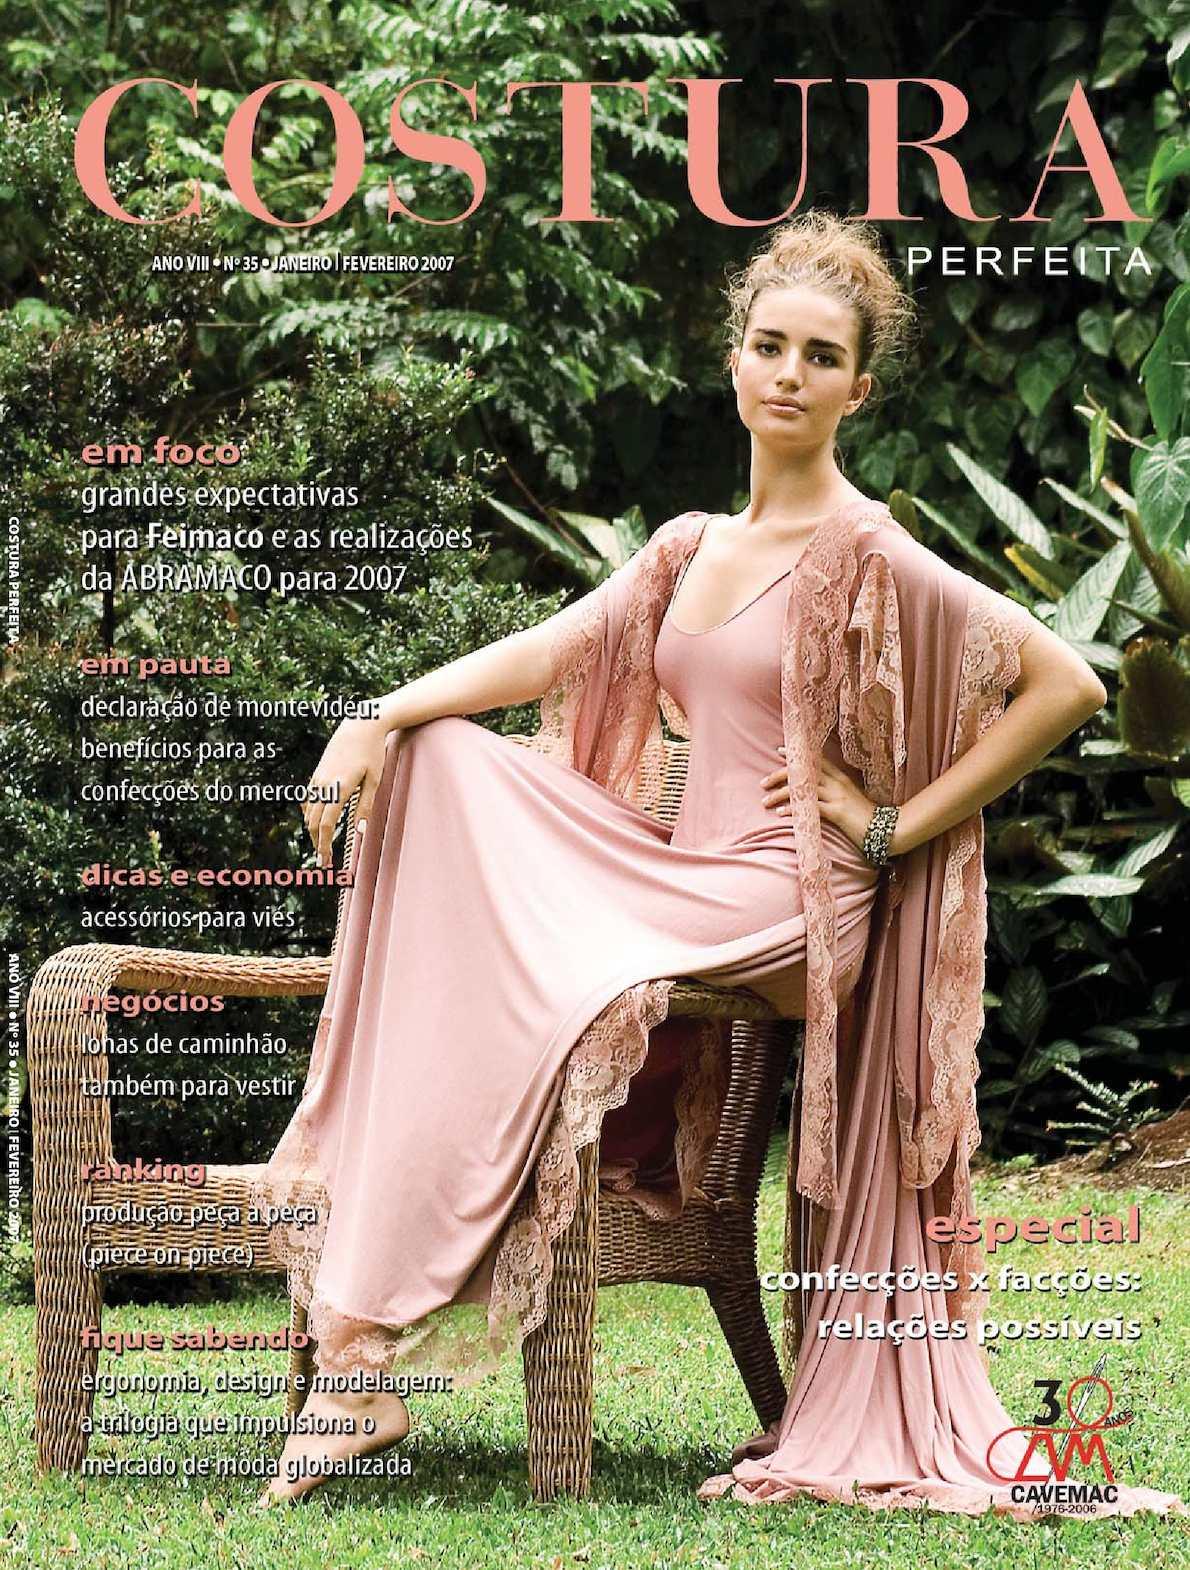 8a1c3b06e Calaméo - Revista Costura Perfeita Edição Ano VIII - N35 Janeiro-Fevereiro  2007